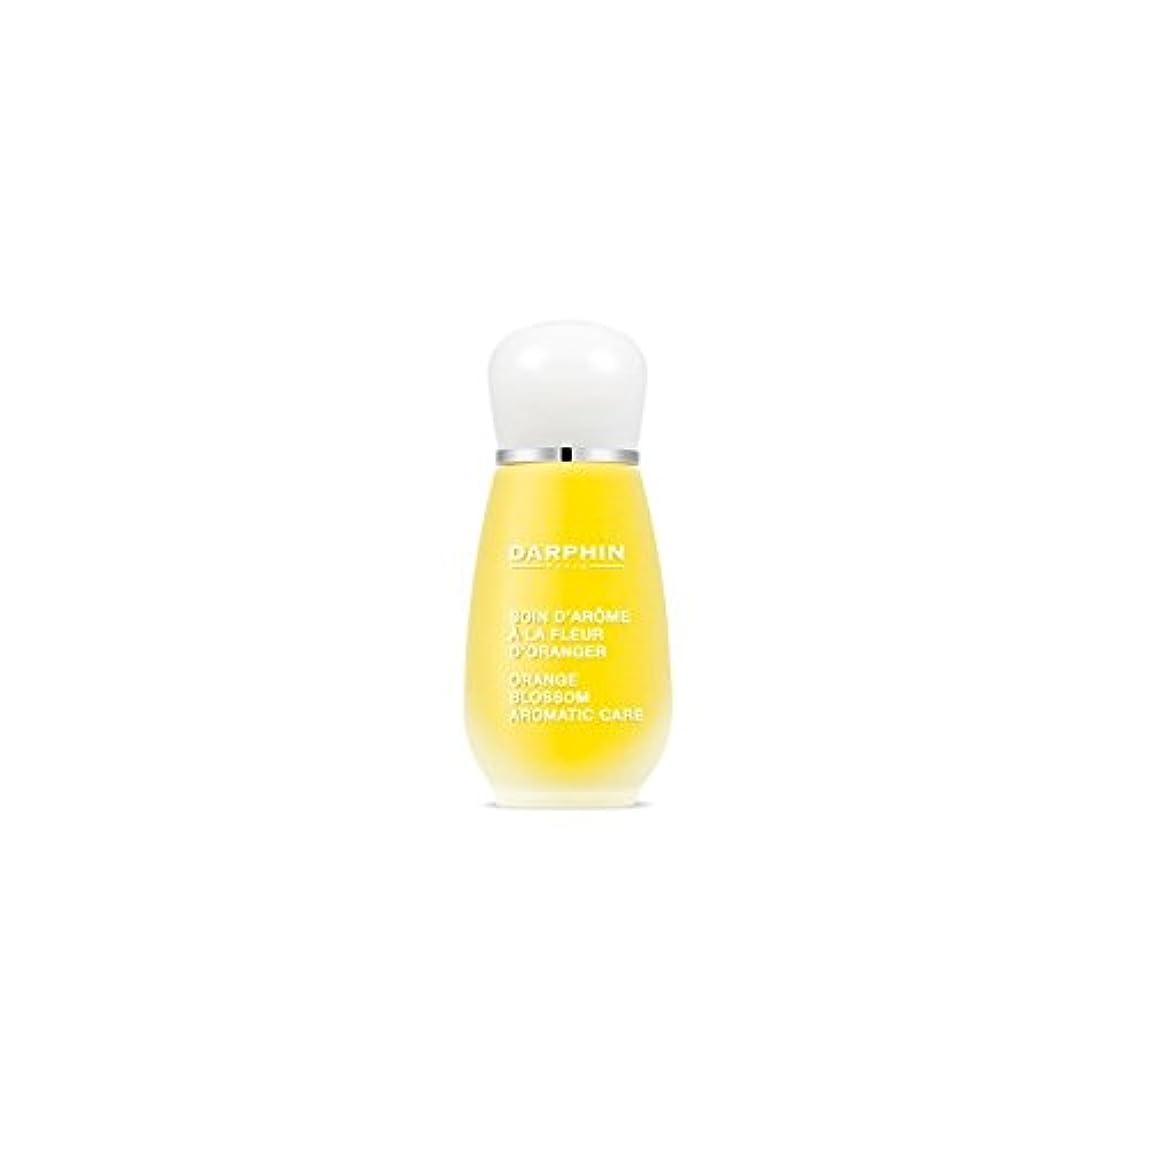 効果的従順虎ダルファンオレンジの花の芳香ケア(15ミリリットル) x2 - Darphin Orange Blossom Aromatic Care (15ml) (Pack of 2) [並行輸入品]